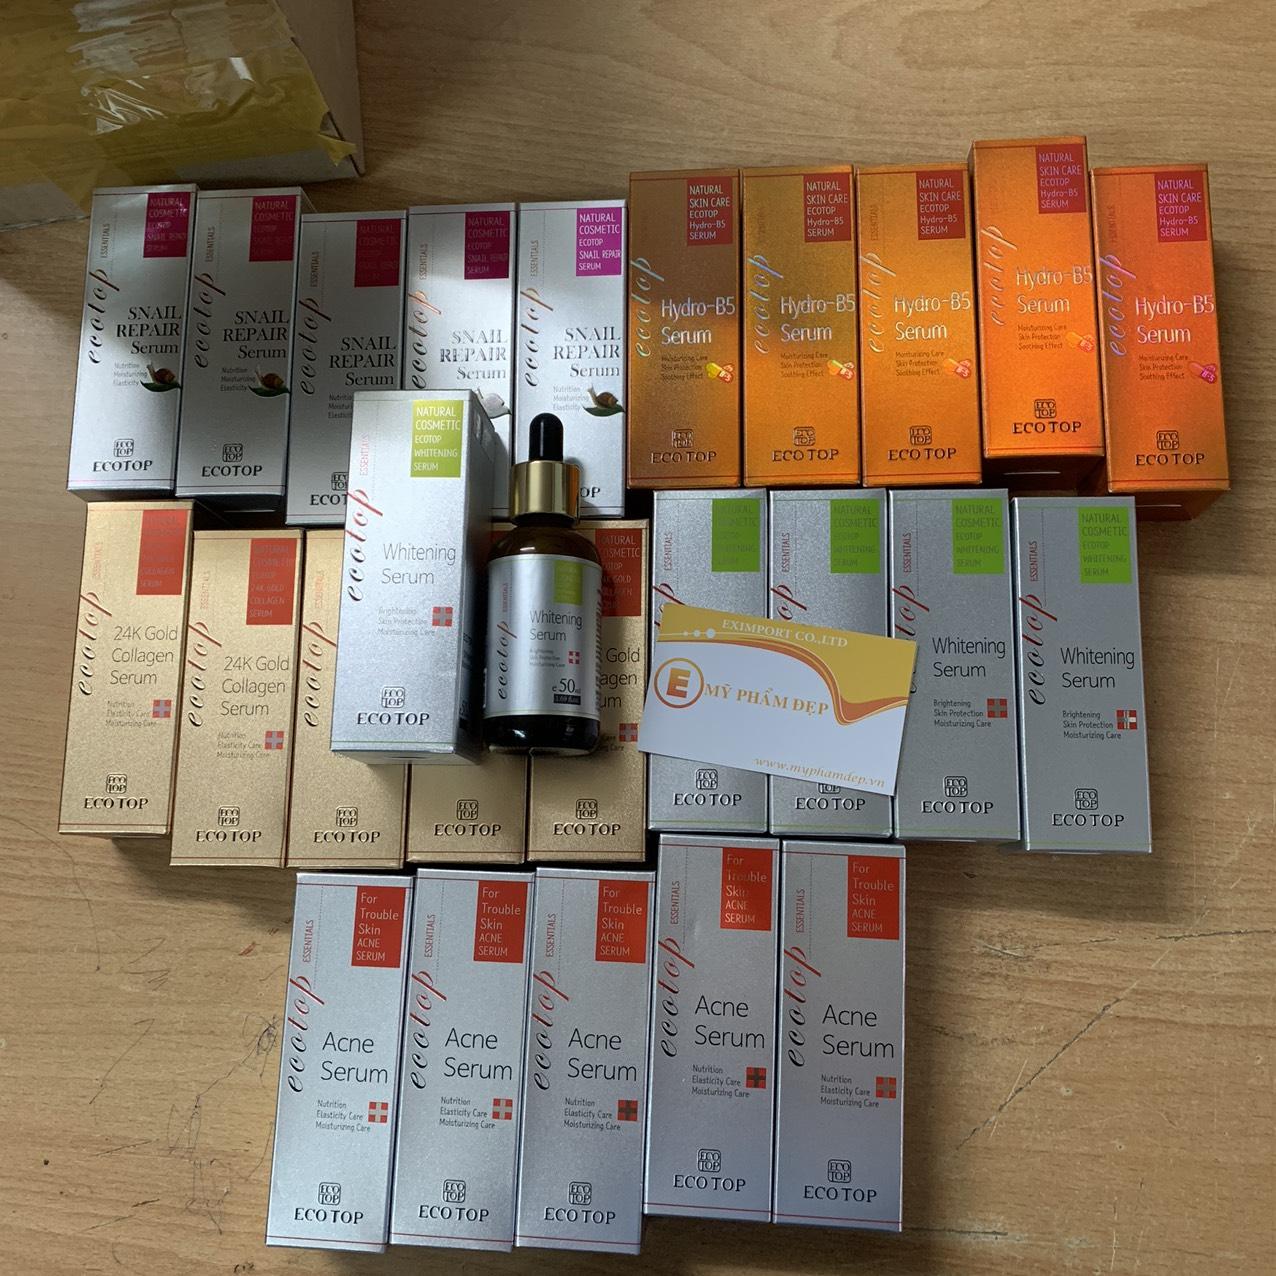 serum-duong-da-serum-duong-trang-sang-da-hieu-qua-ecotop-whitening-serum-50ml-2646